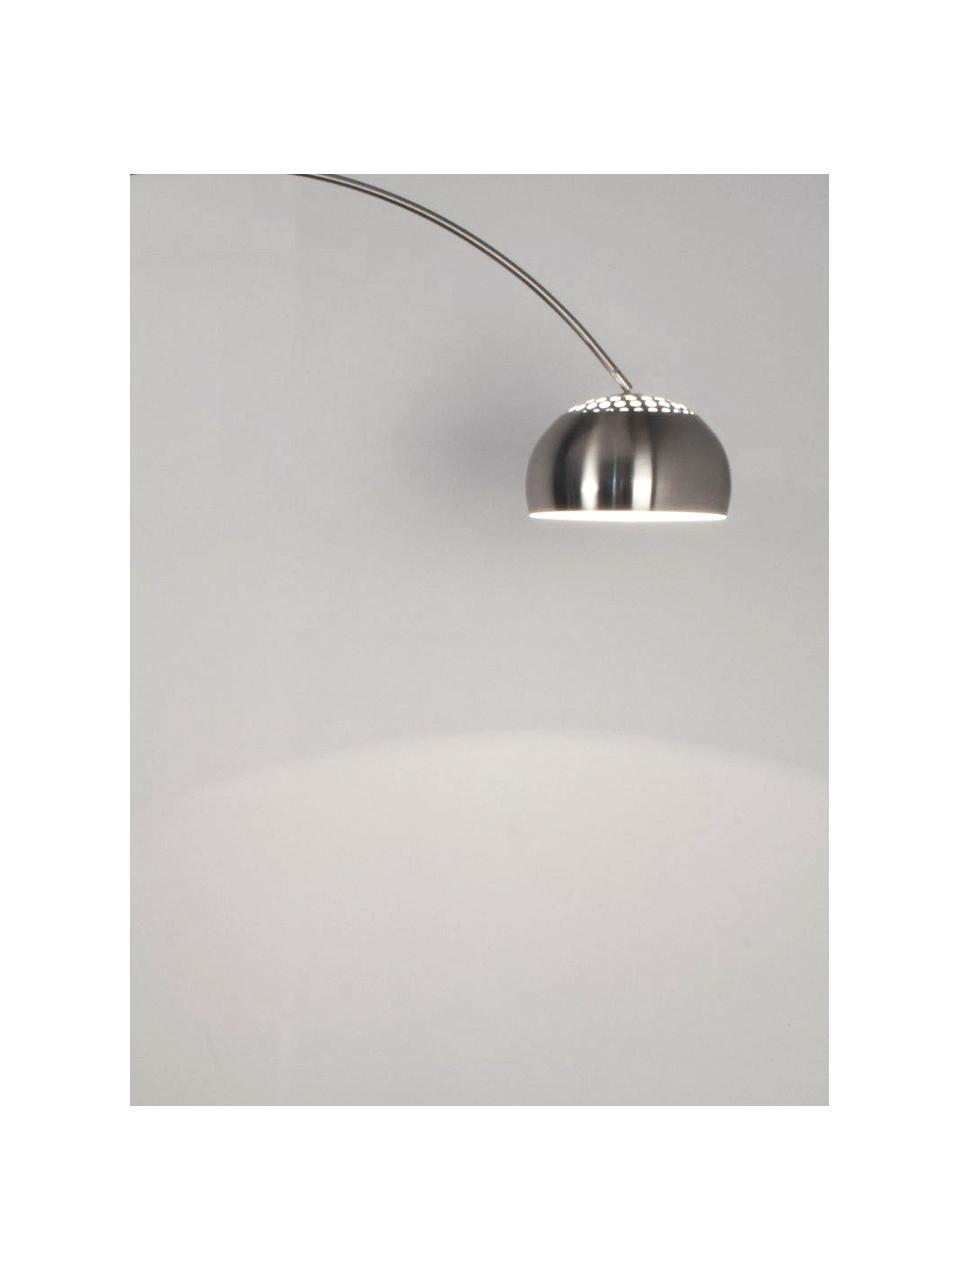 Lampada da terra ad arco argentata Metal Bow, Paralume: metallo spazzolato, Struttura: metallo spazzolato, Base della lampada: pietra con coperchio in m, Metallo, Larg. 170 x Alt. 205 cm